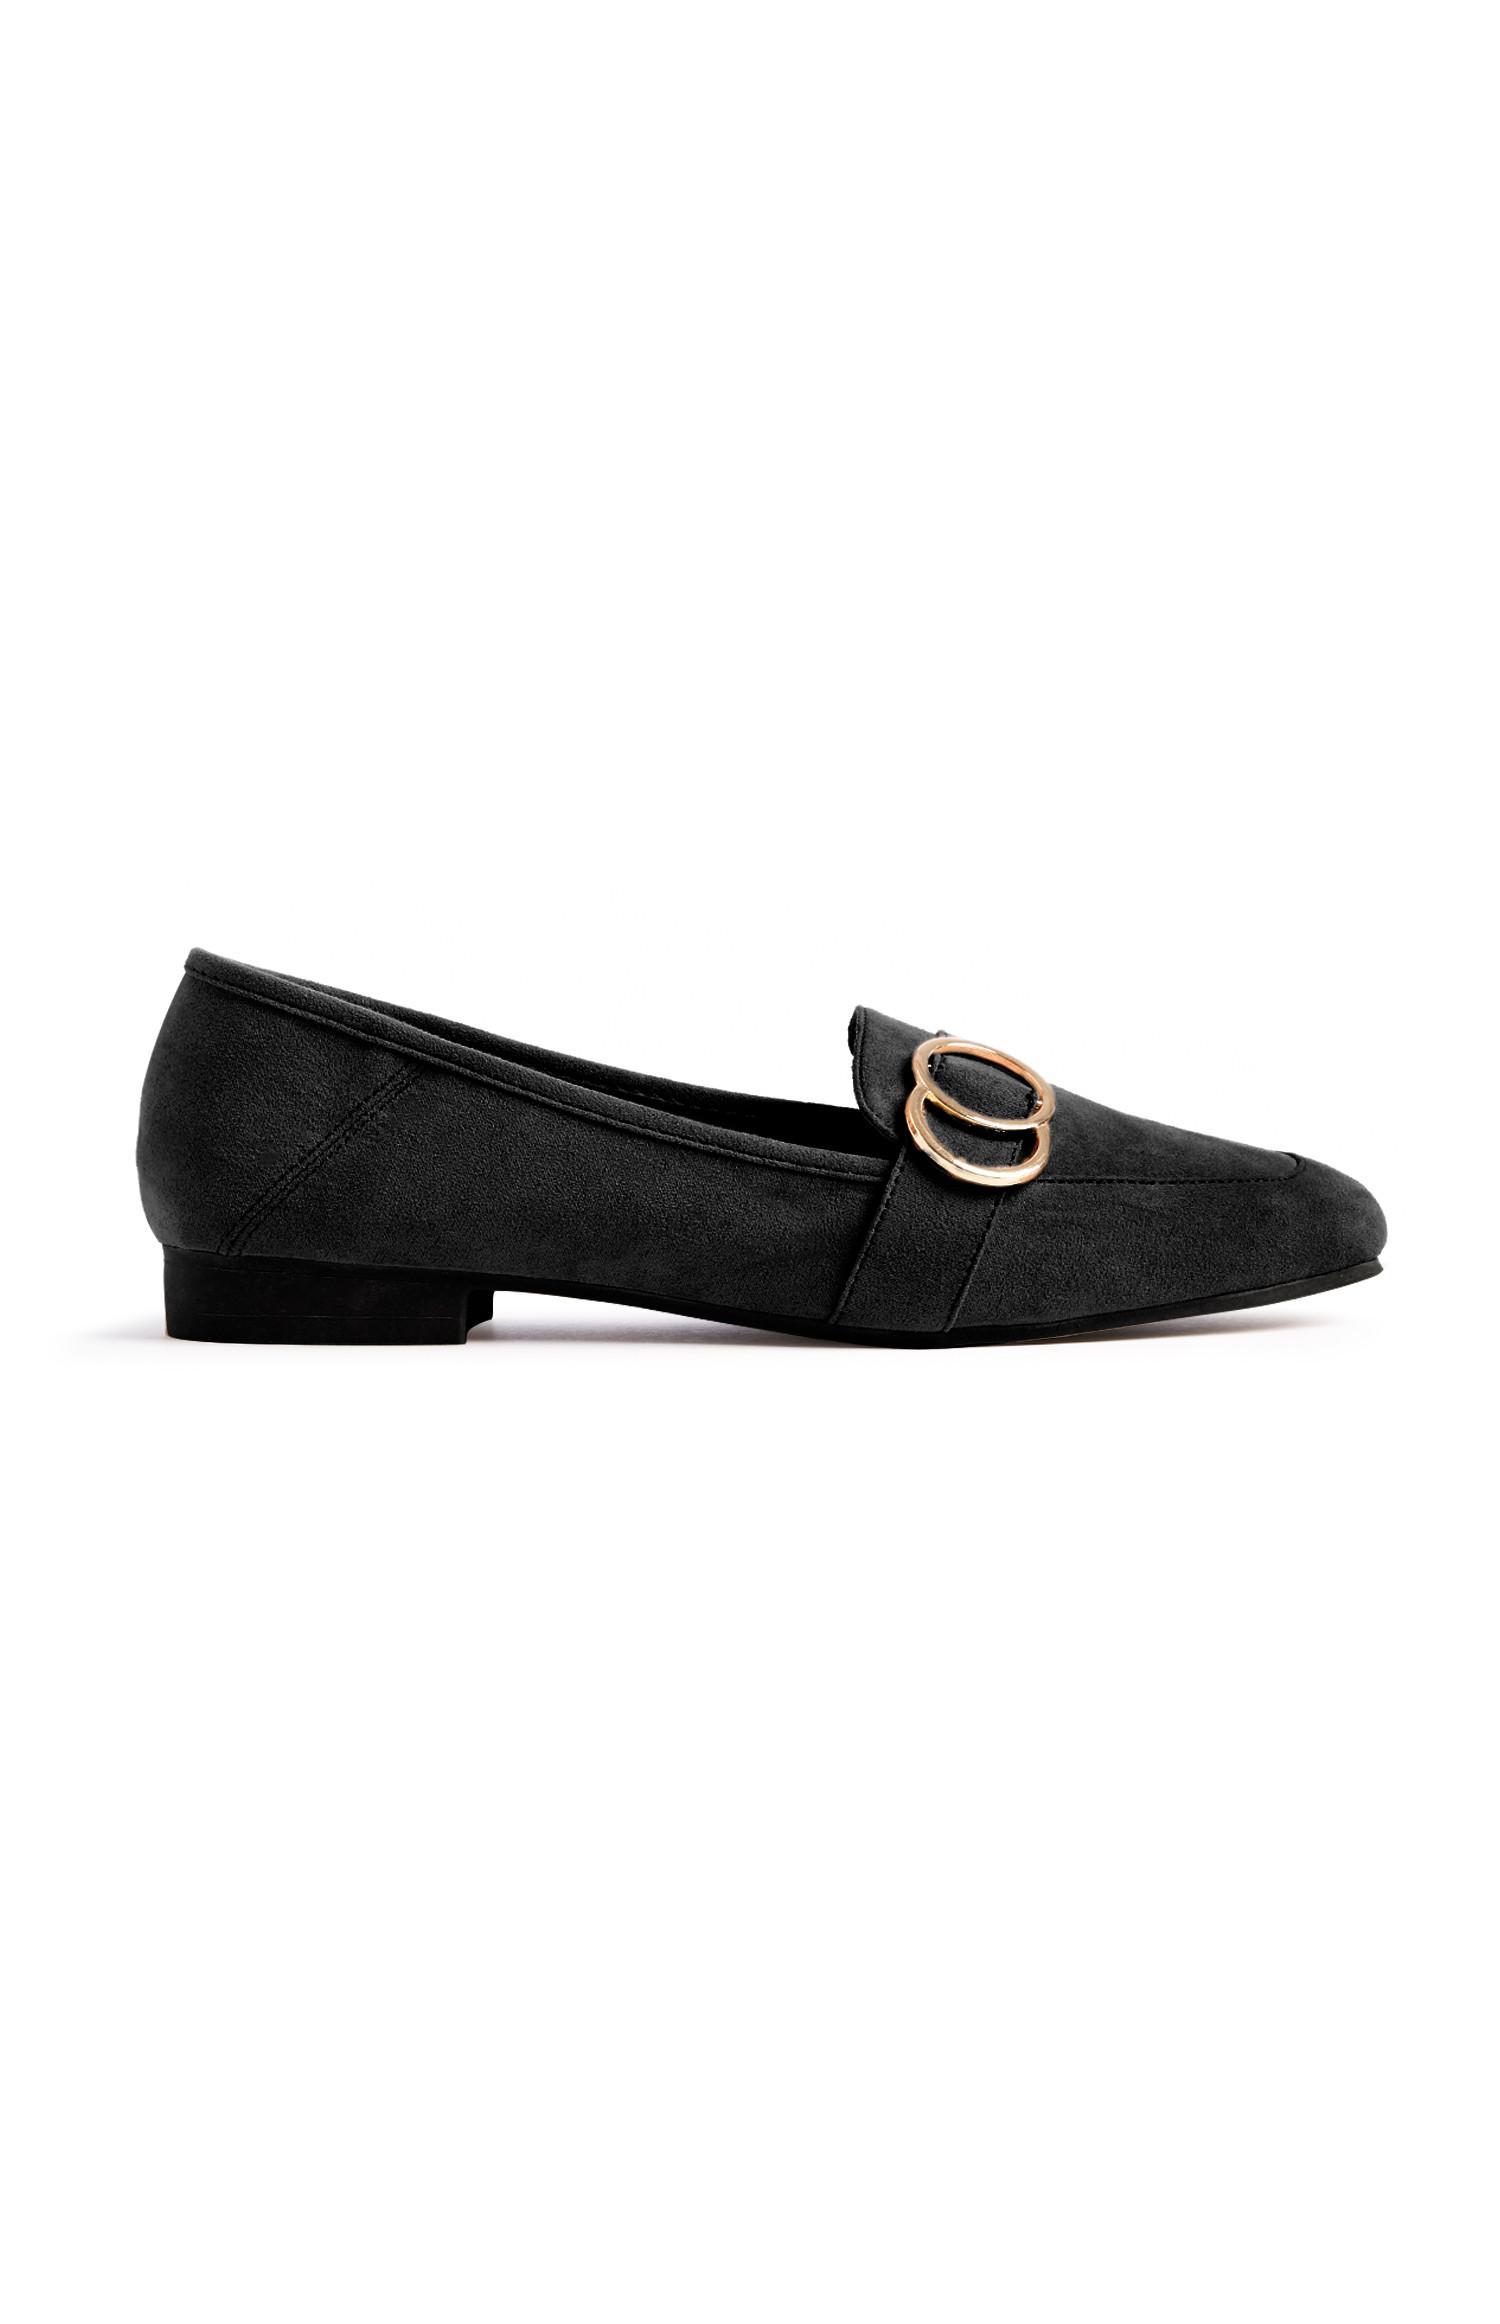 Black Buckle Loafer